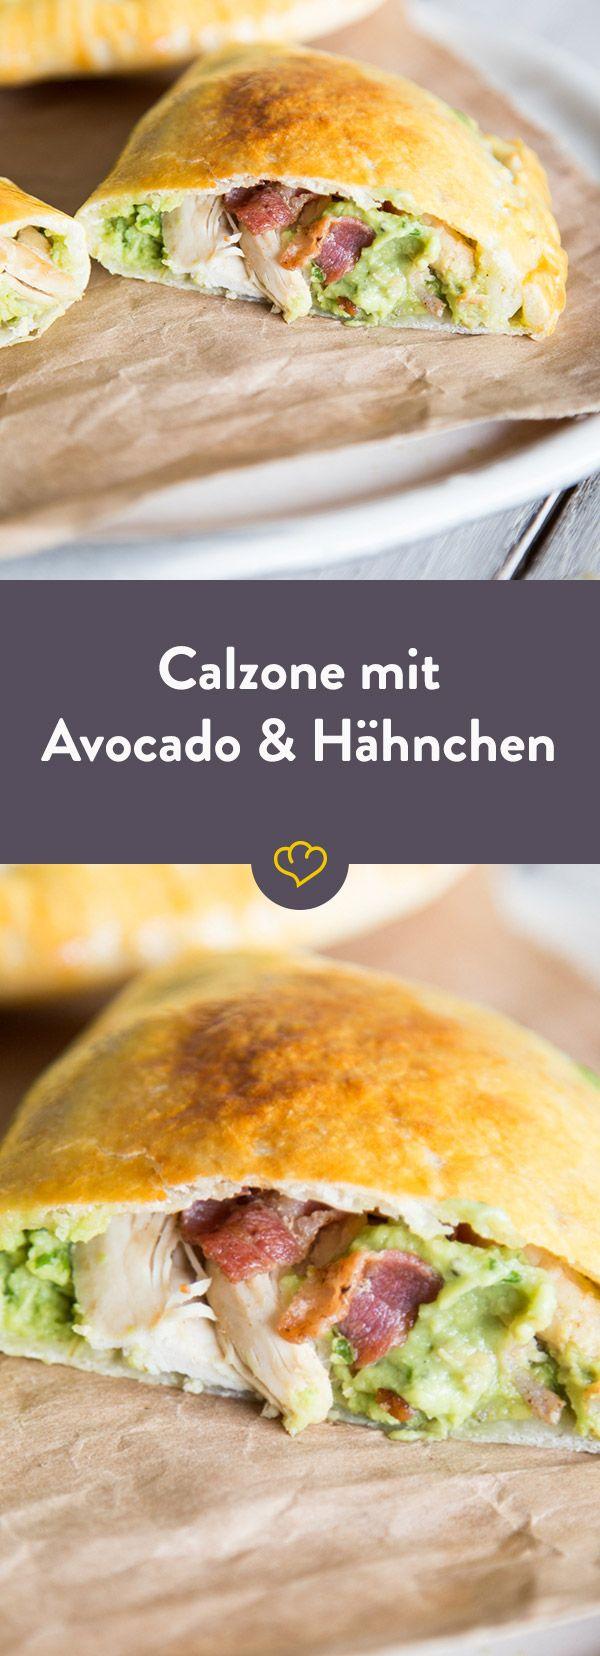 Füllen, falten und backen - im Inneren der goldbraunen Taschen verbergen sich cremige Avocado-Mayonnaise, saftiges Hähnchen und knuspriger Speck.